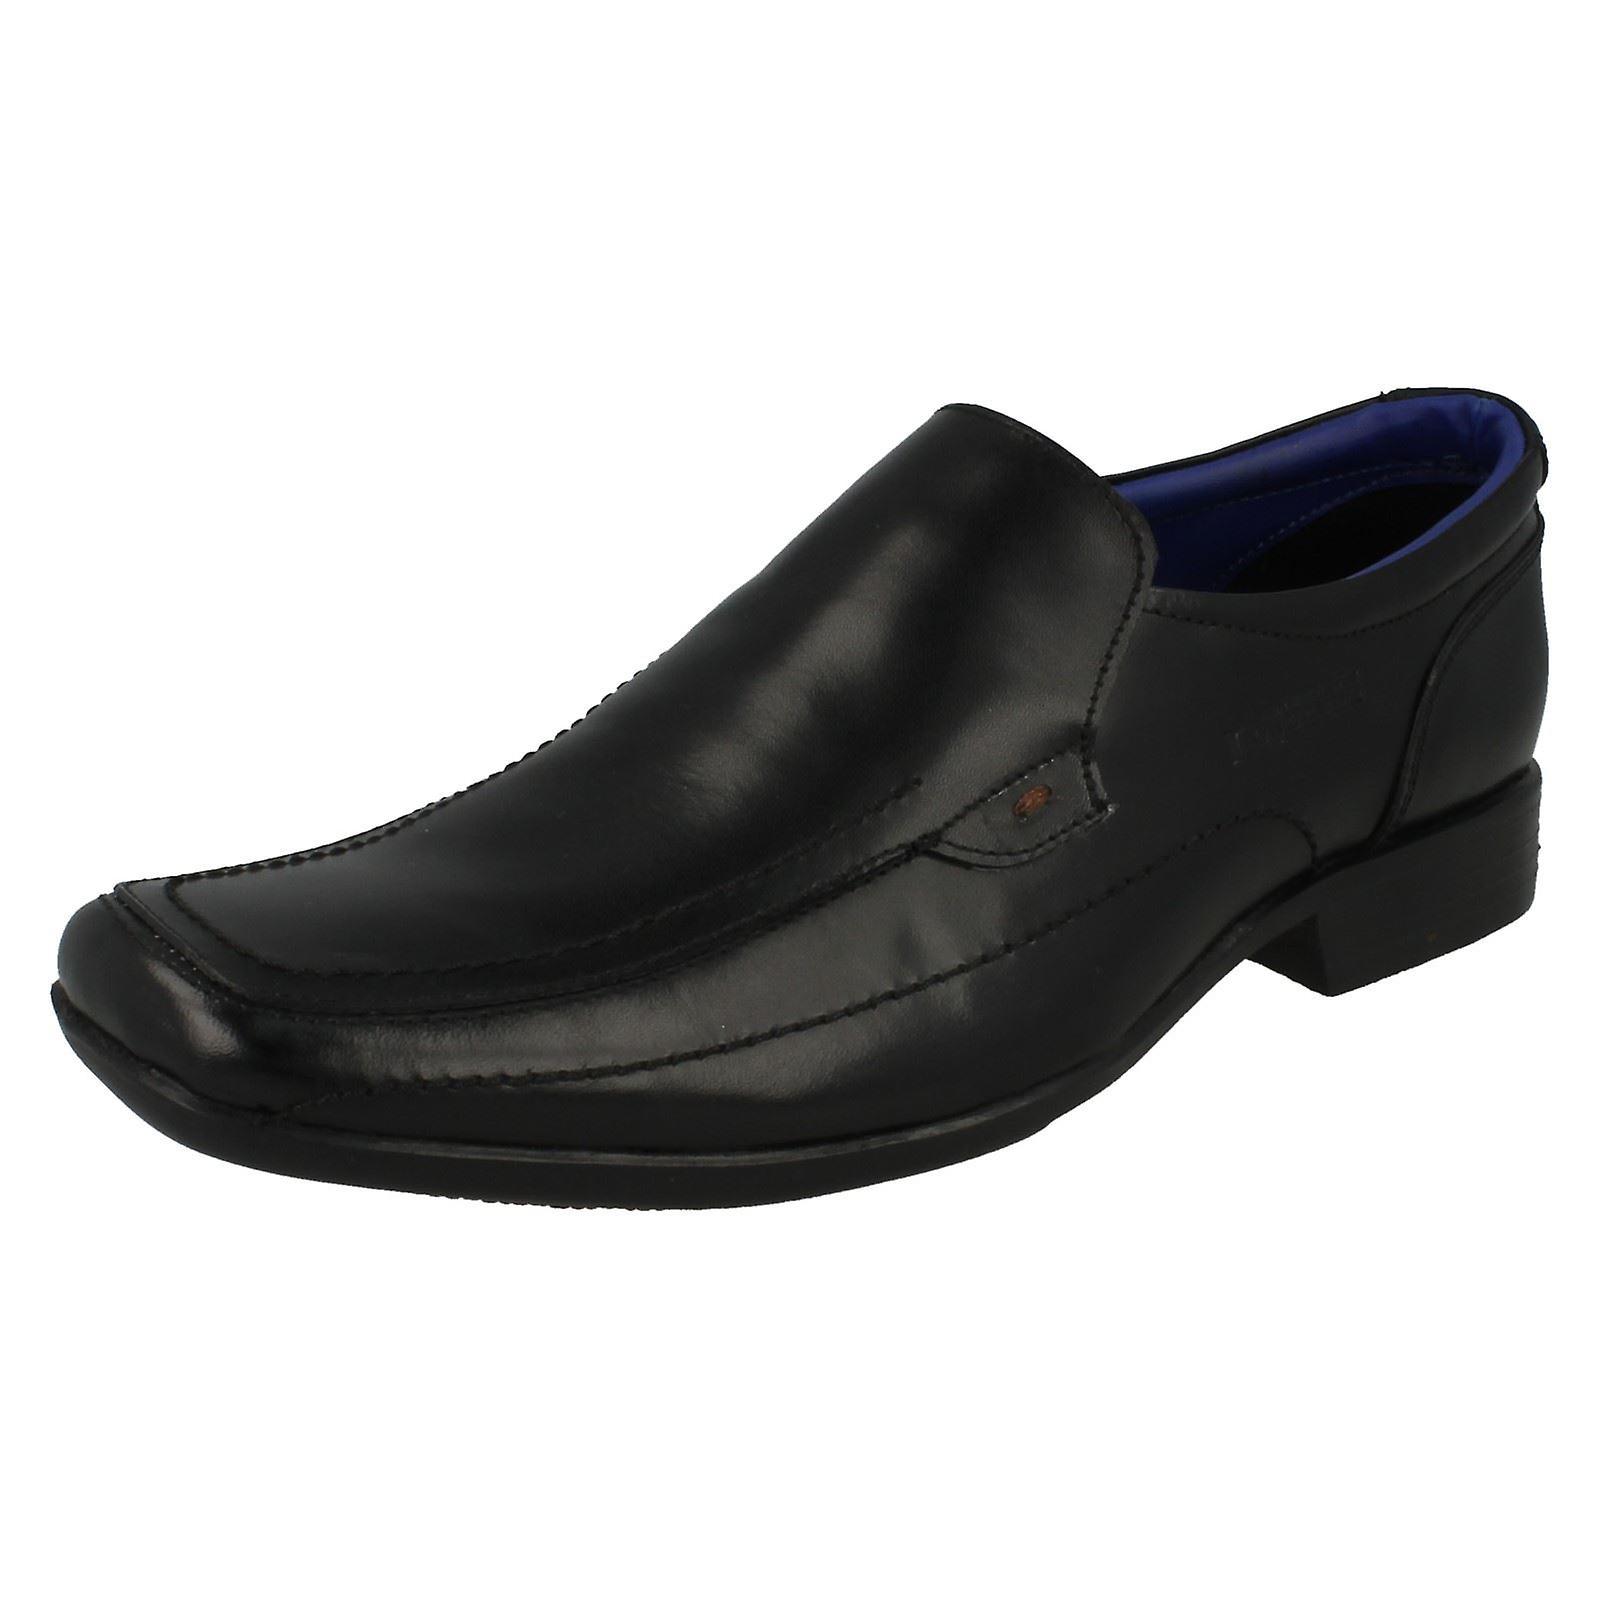 Mens Lambretta formale Schuhe